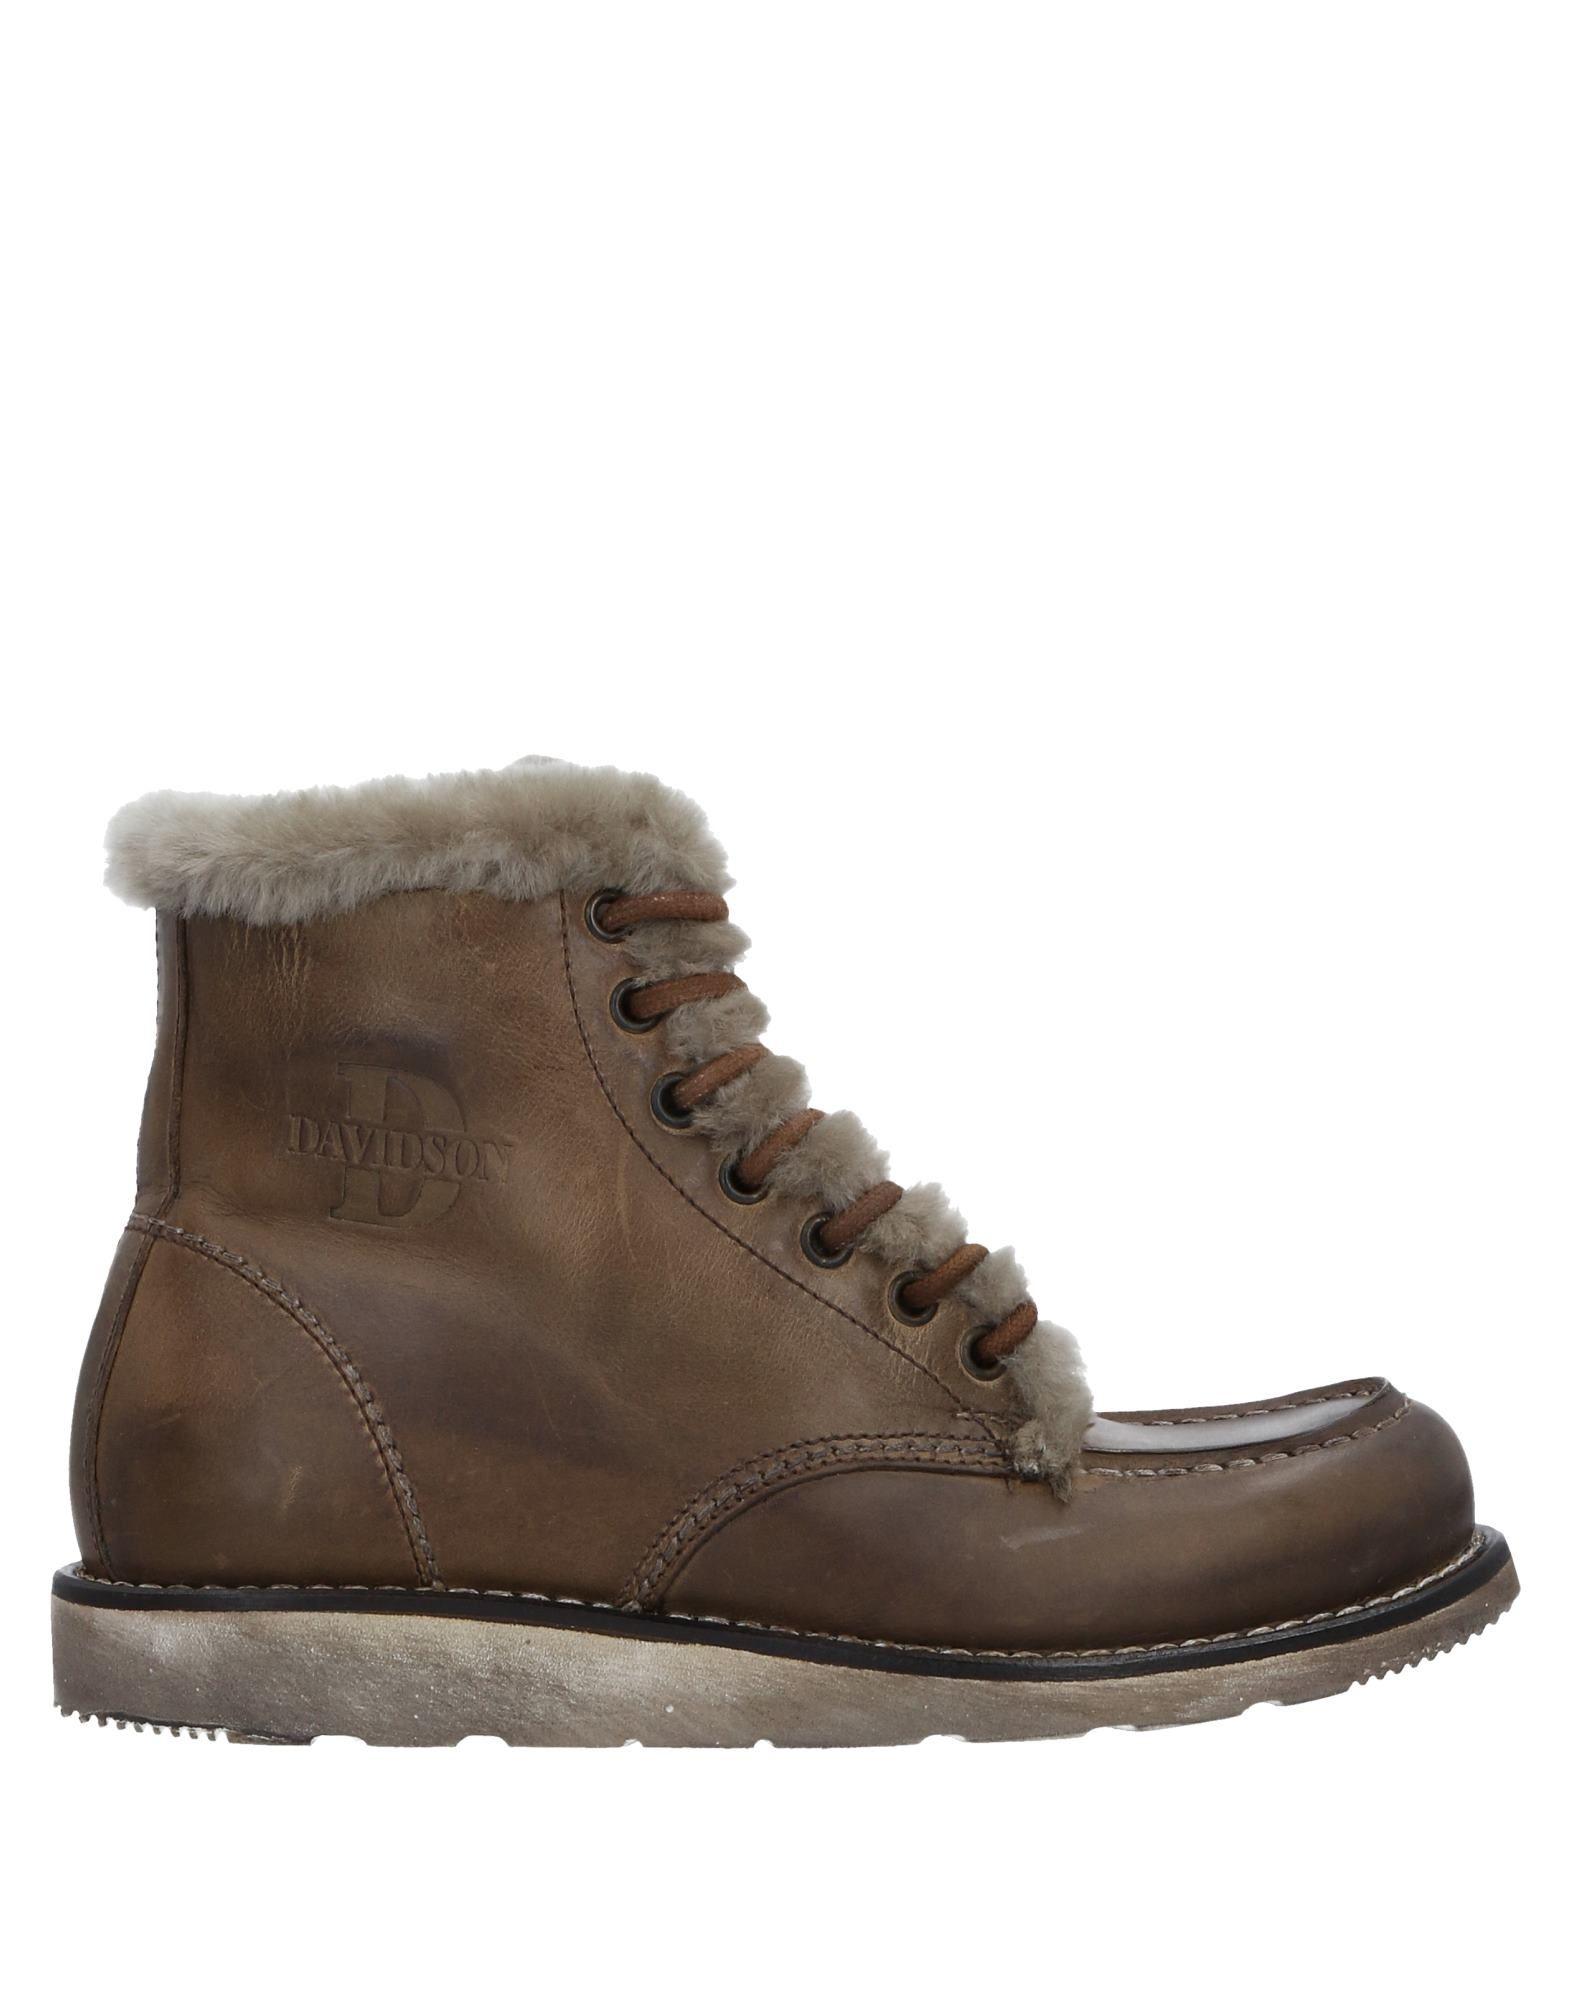 Davidson Stiefelette Damen  11525220WA Gute Qualität beliebte Schuhe